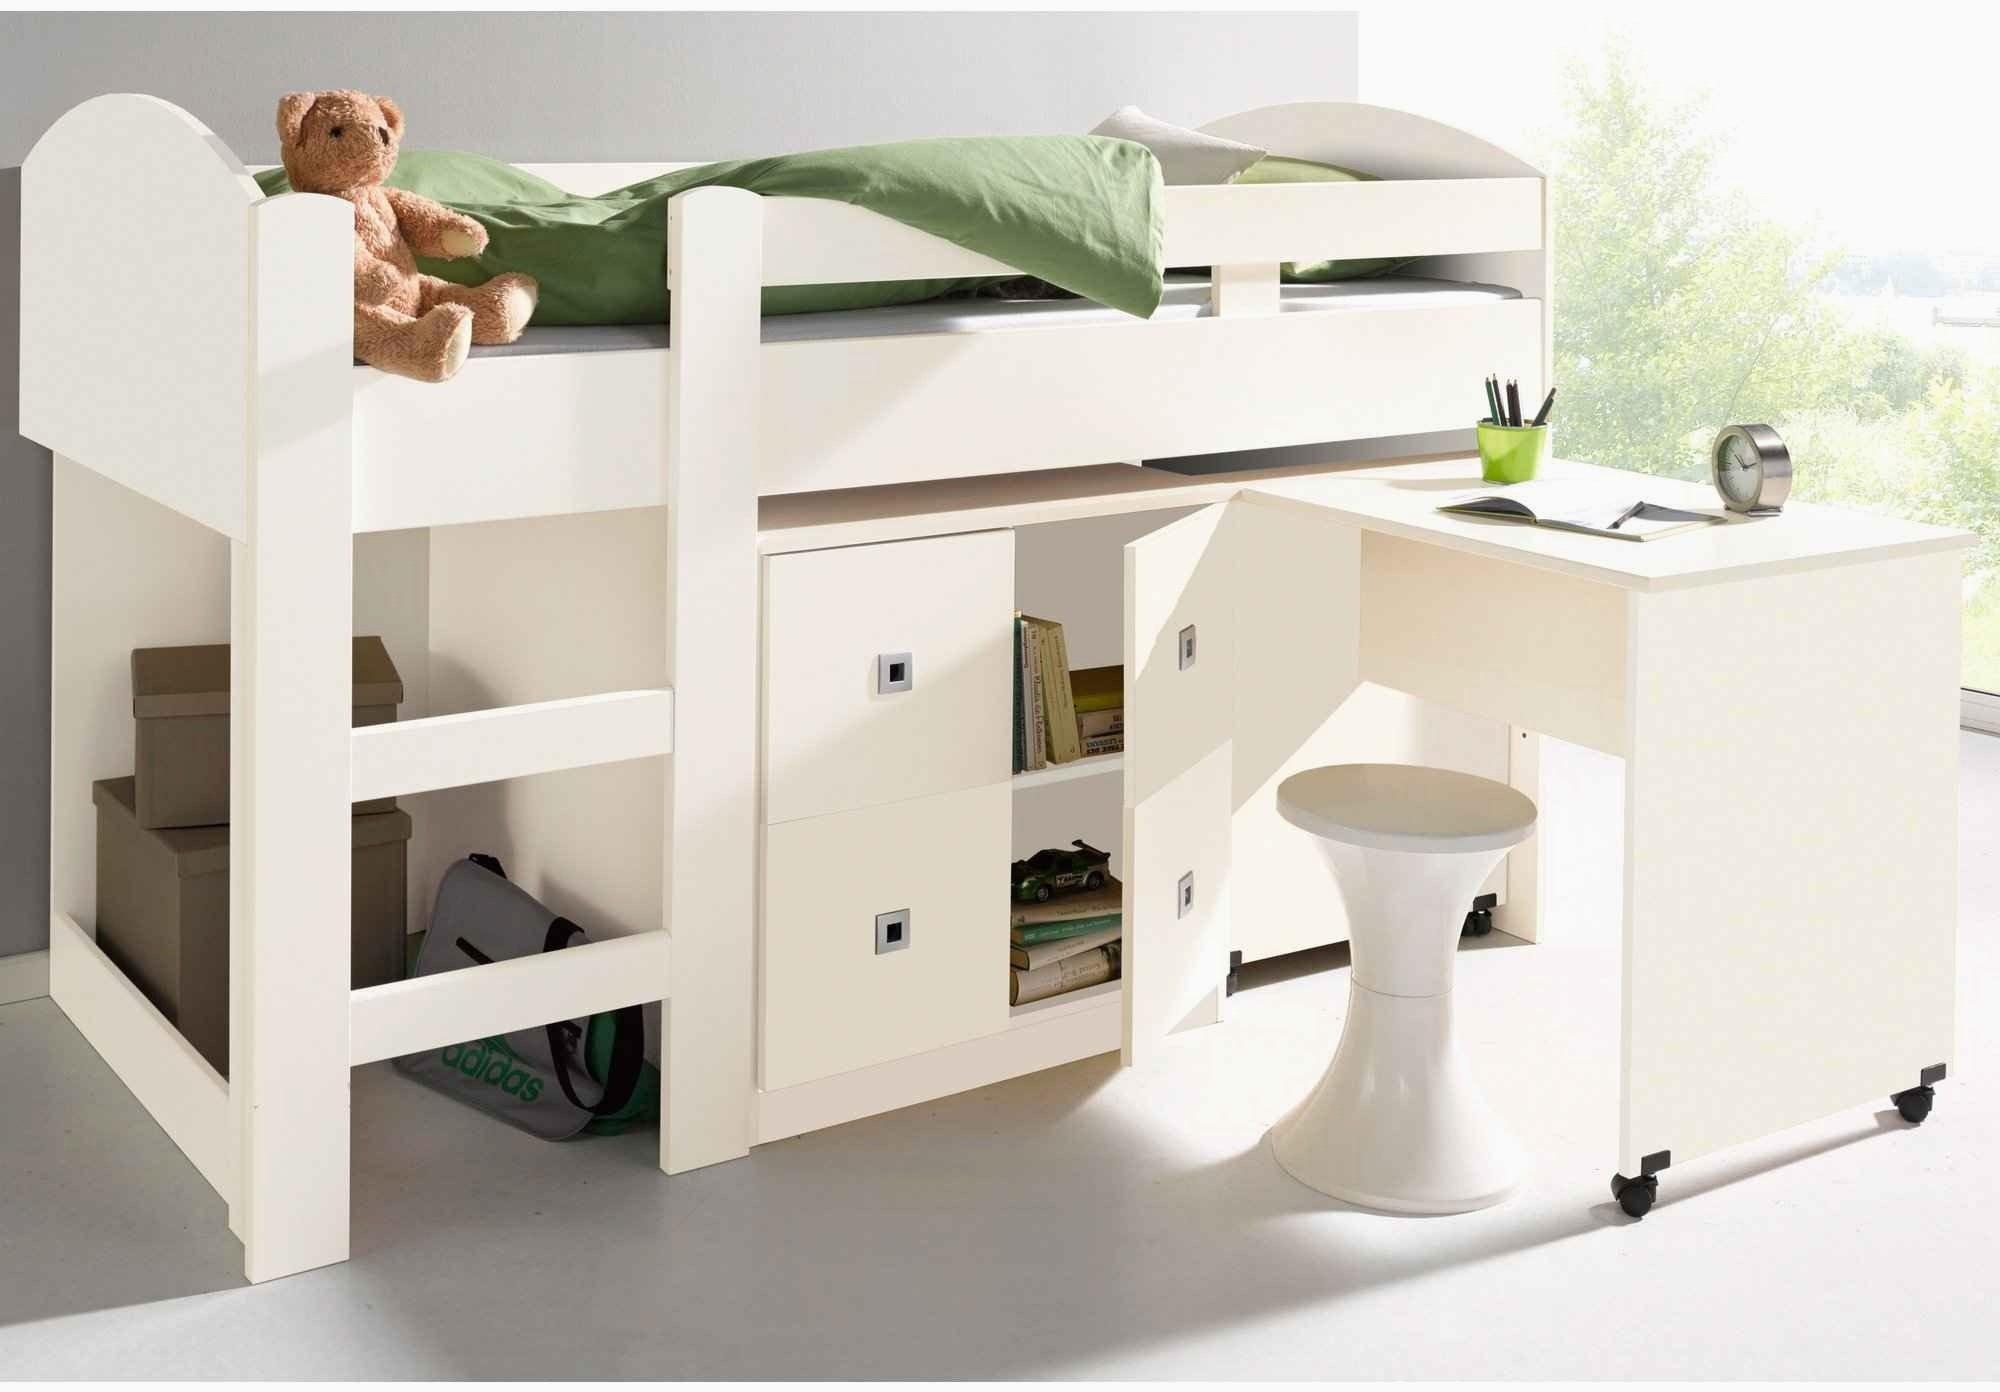 Lit Superposé Avec Canapé Génial Lit Mezzanine Avec Canapé Fantaisie Lit Biné Armoire Fresh Lit